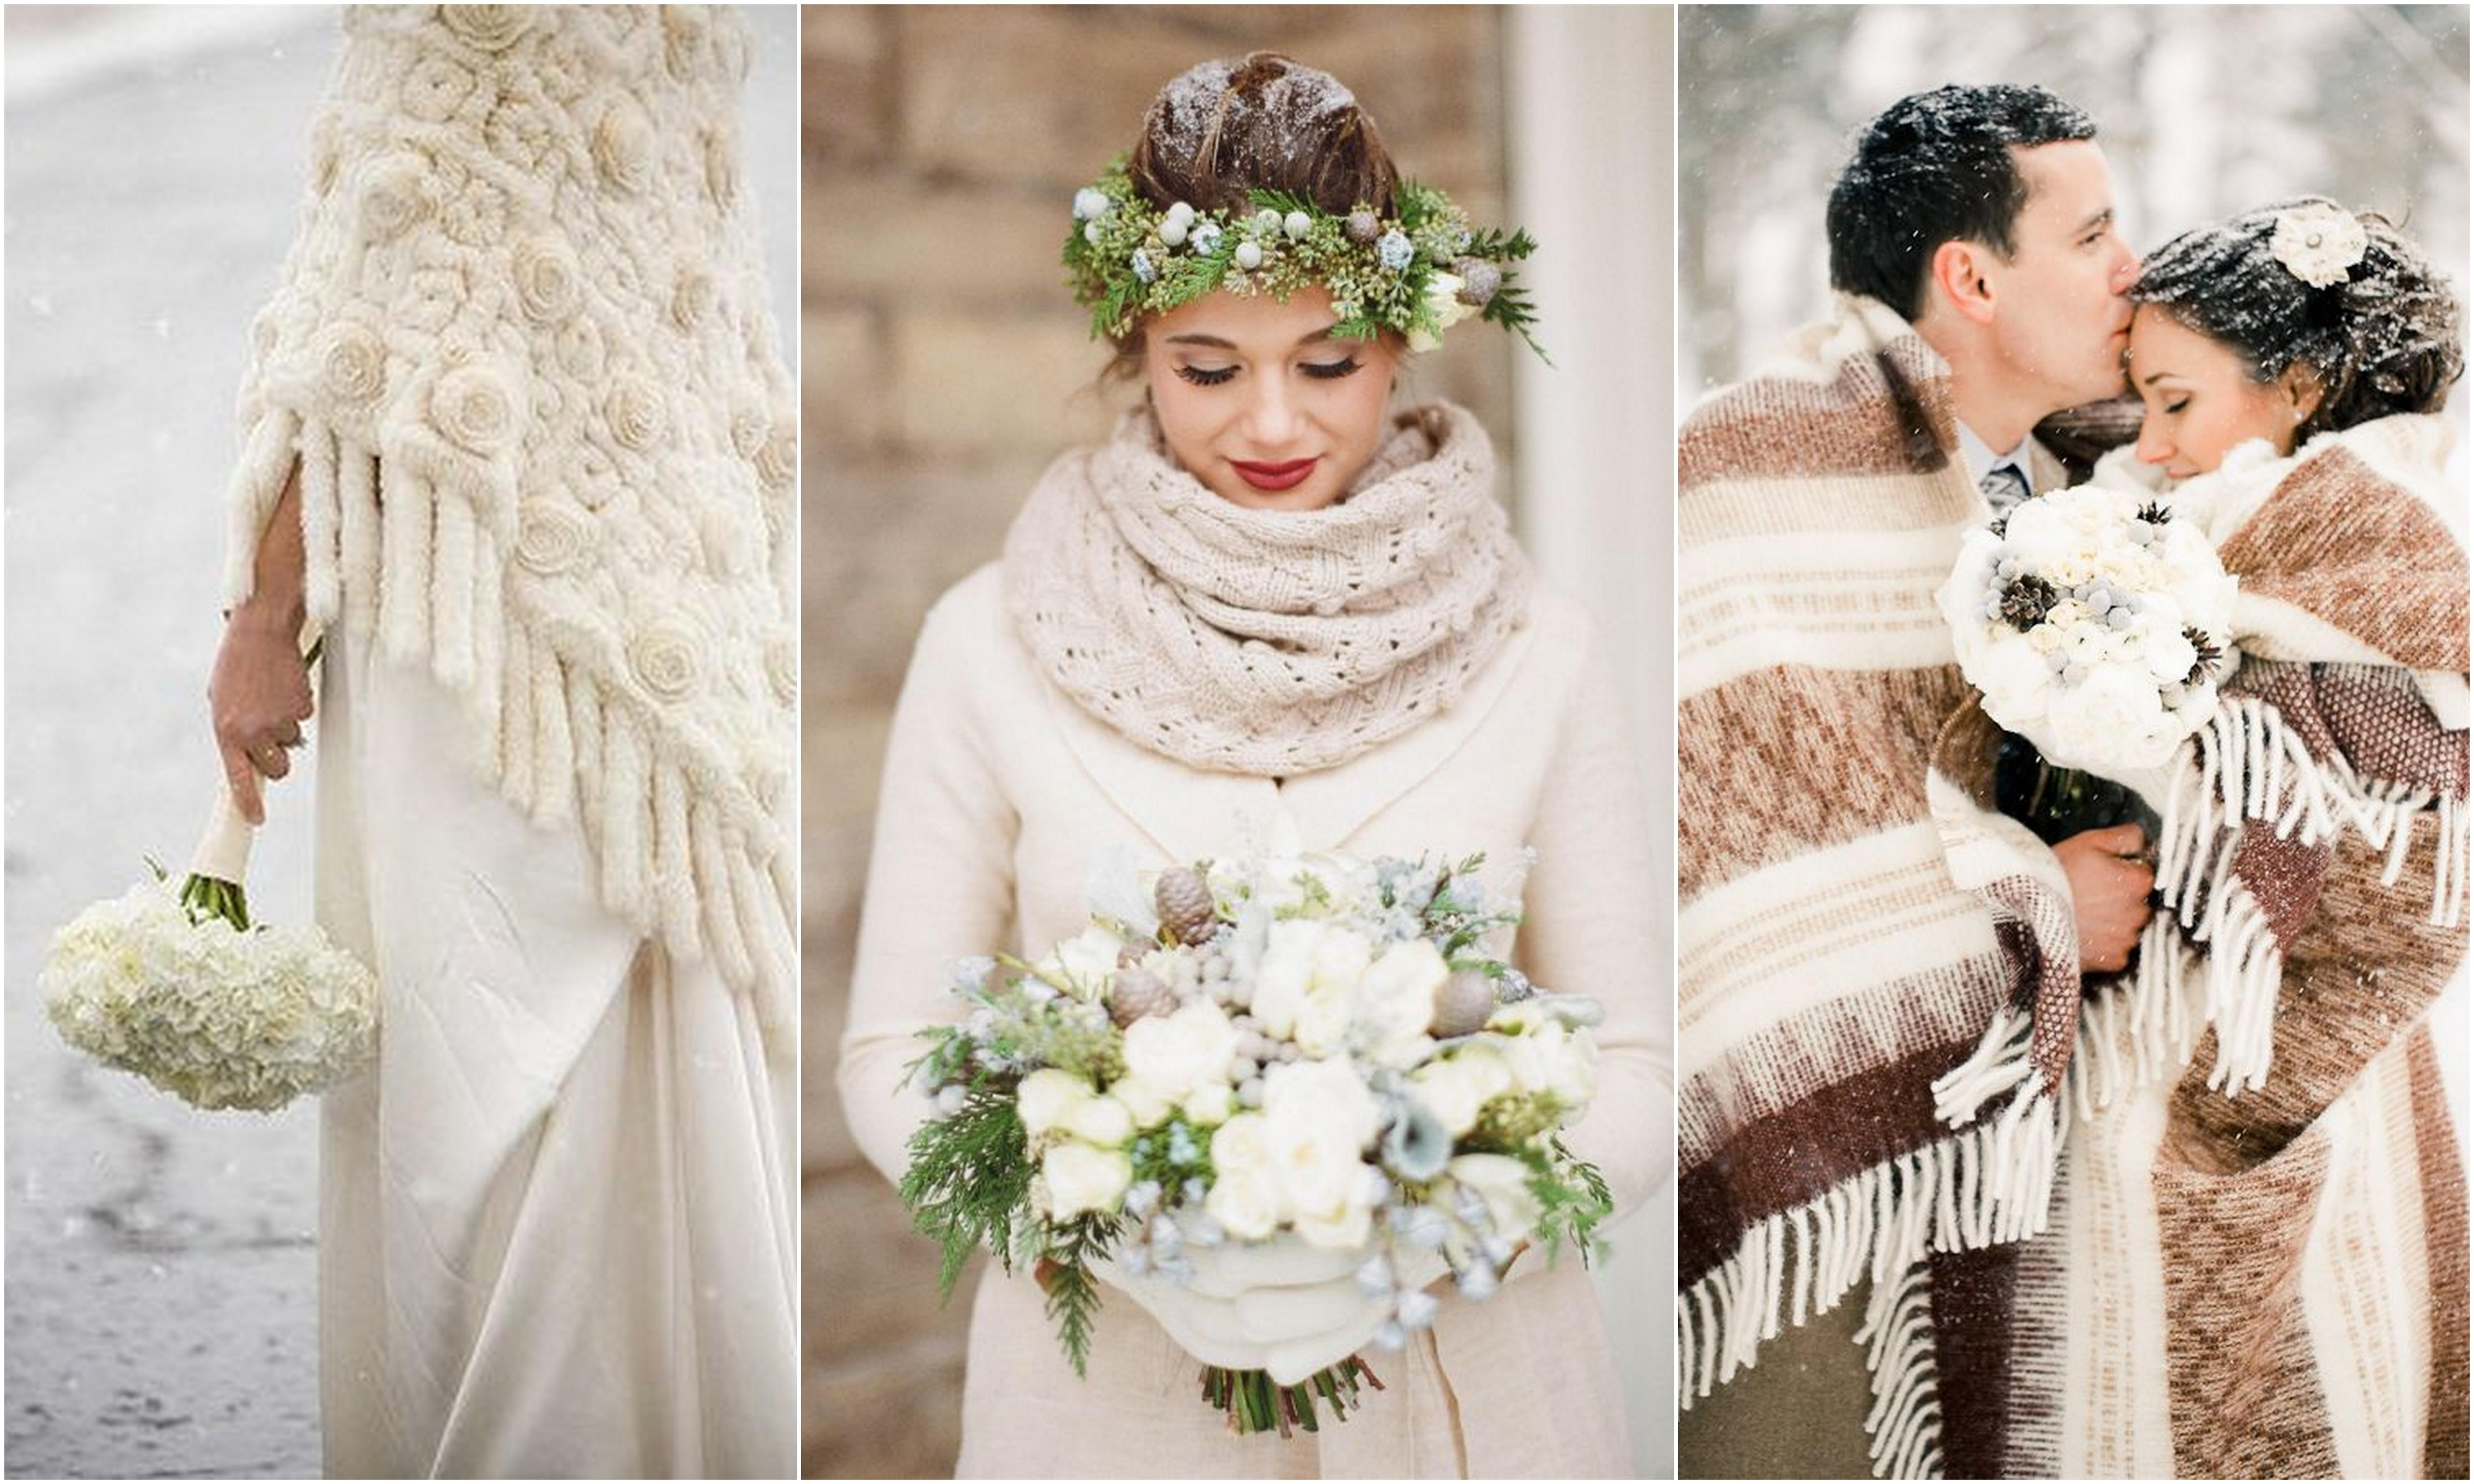 Вязанные детали на свадьбу, свадебные аксессуары, зимняя свадьба.